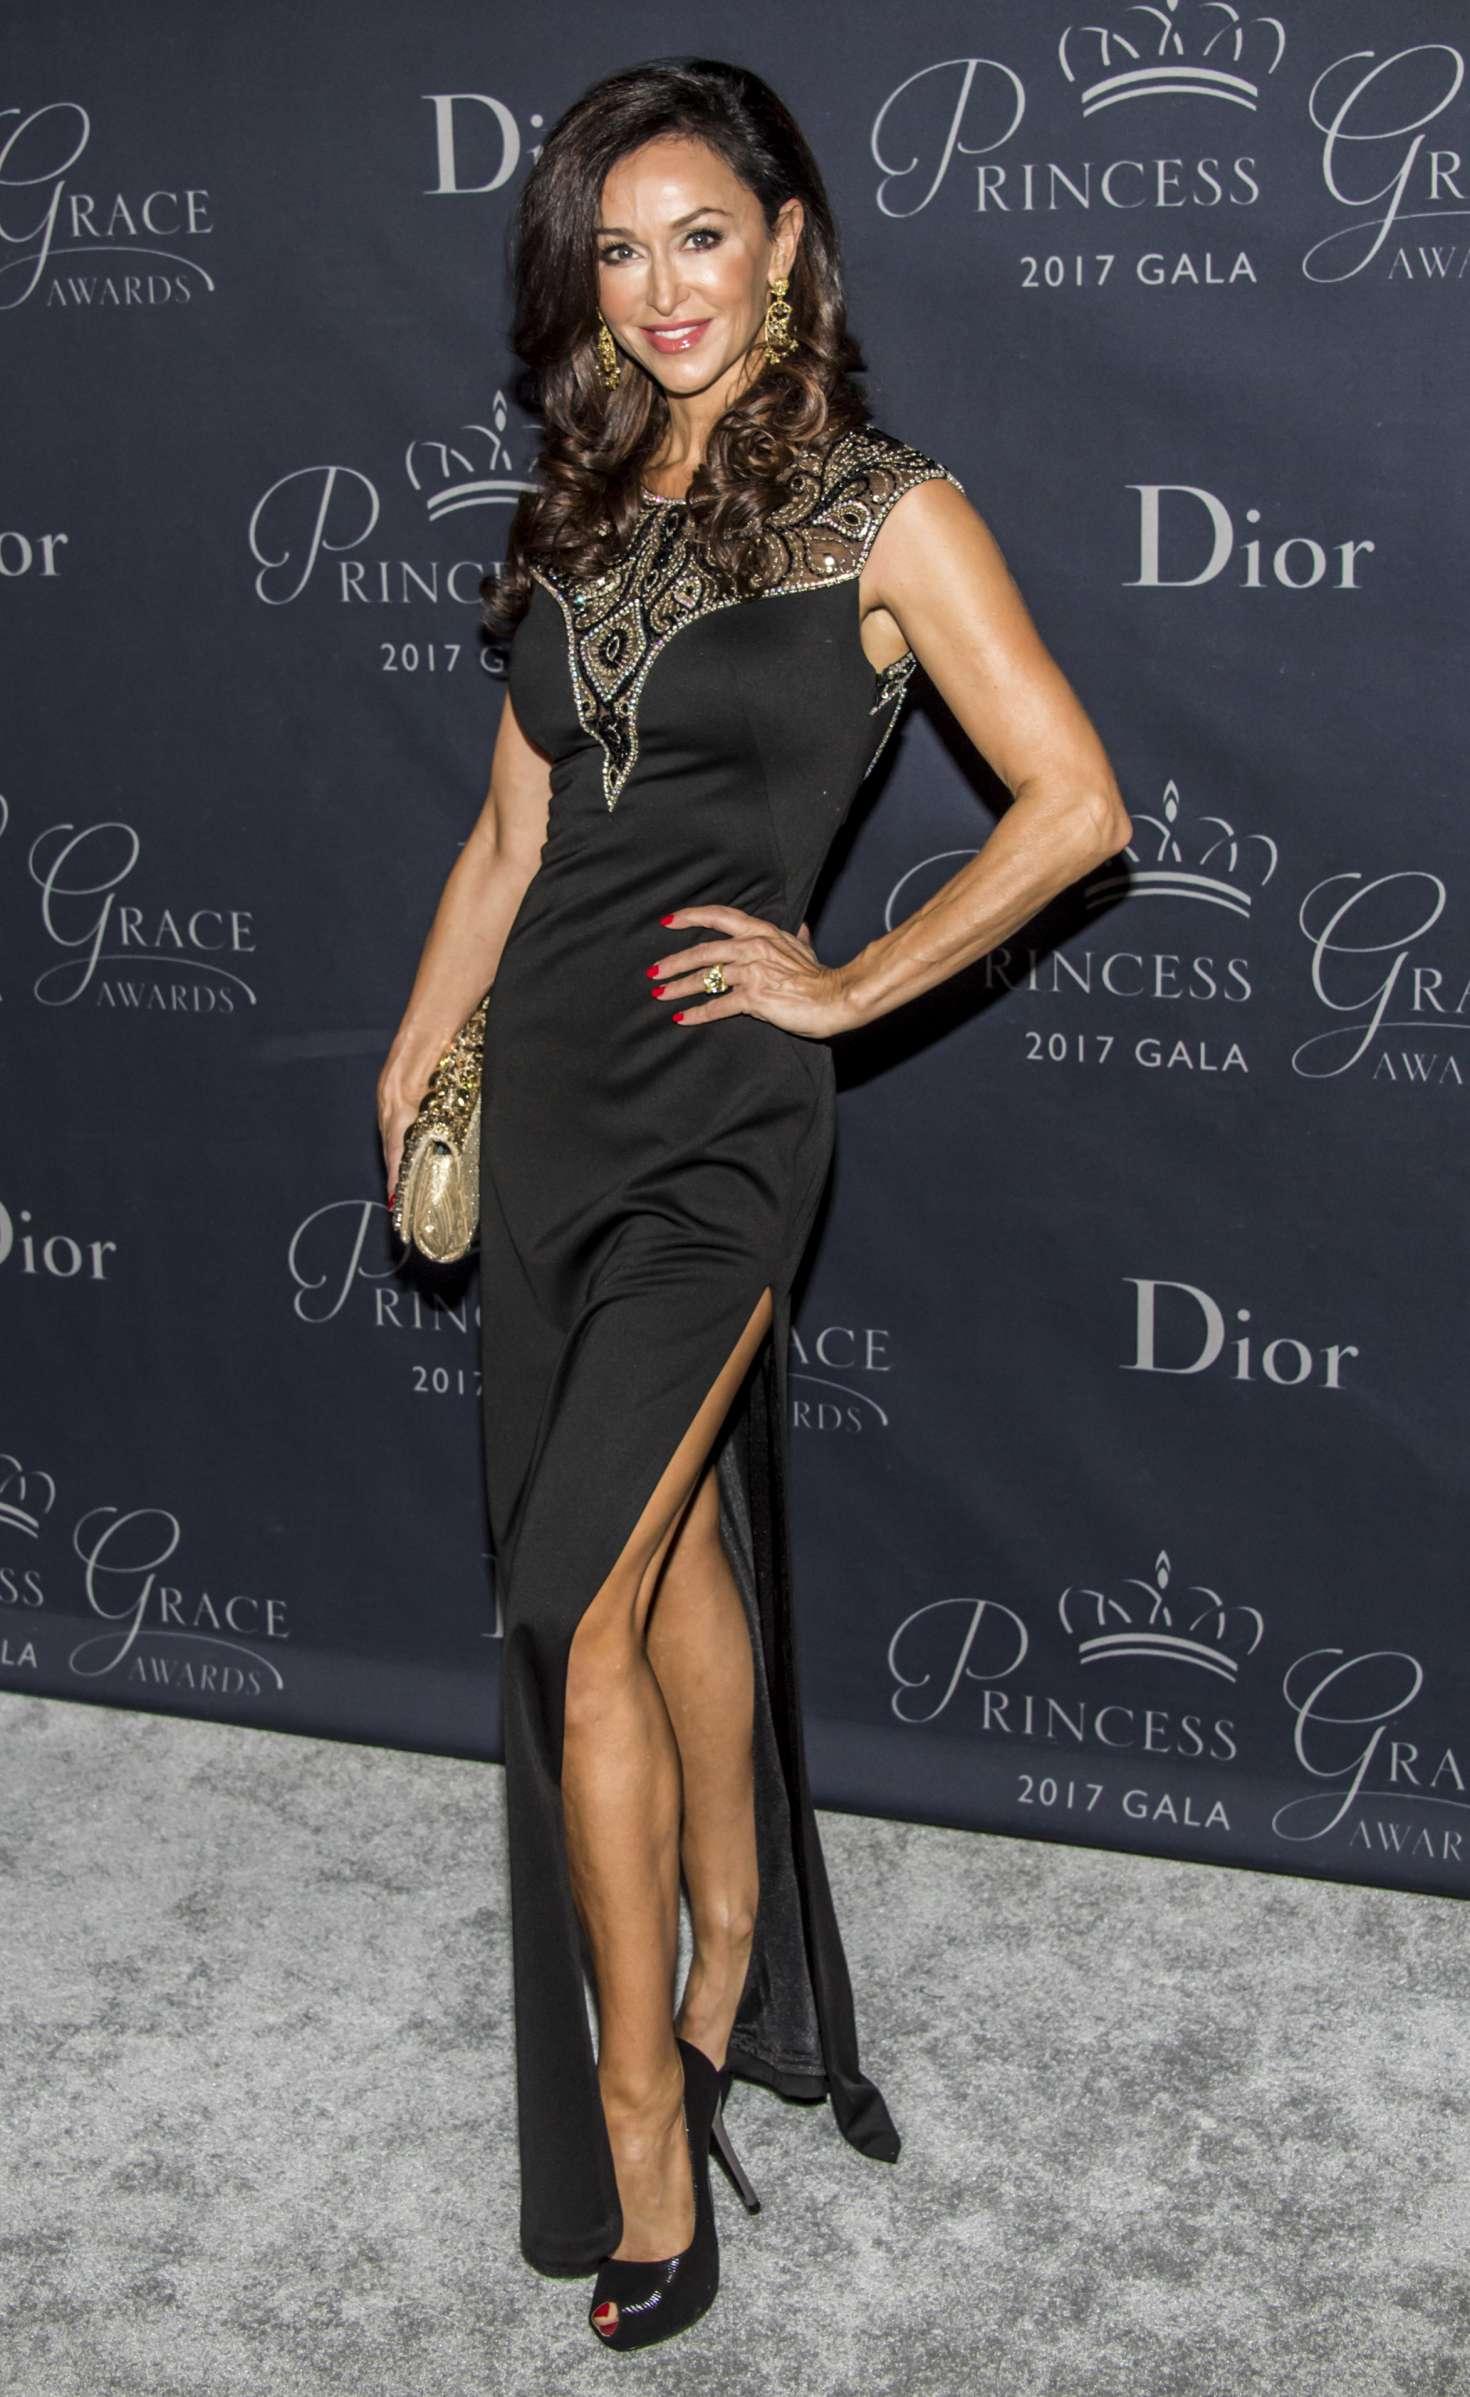 Sofia Milos 2017 : Sofia Milos: Princess Grace Awards Gala 2017 -08